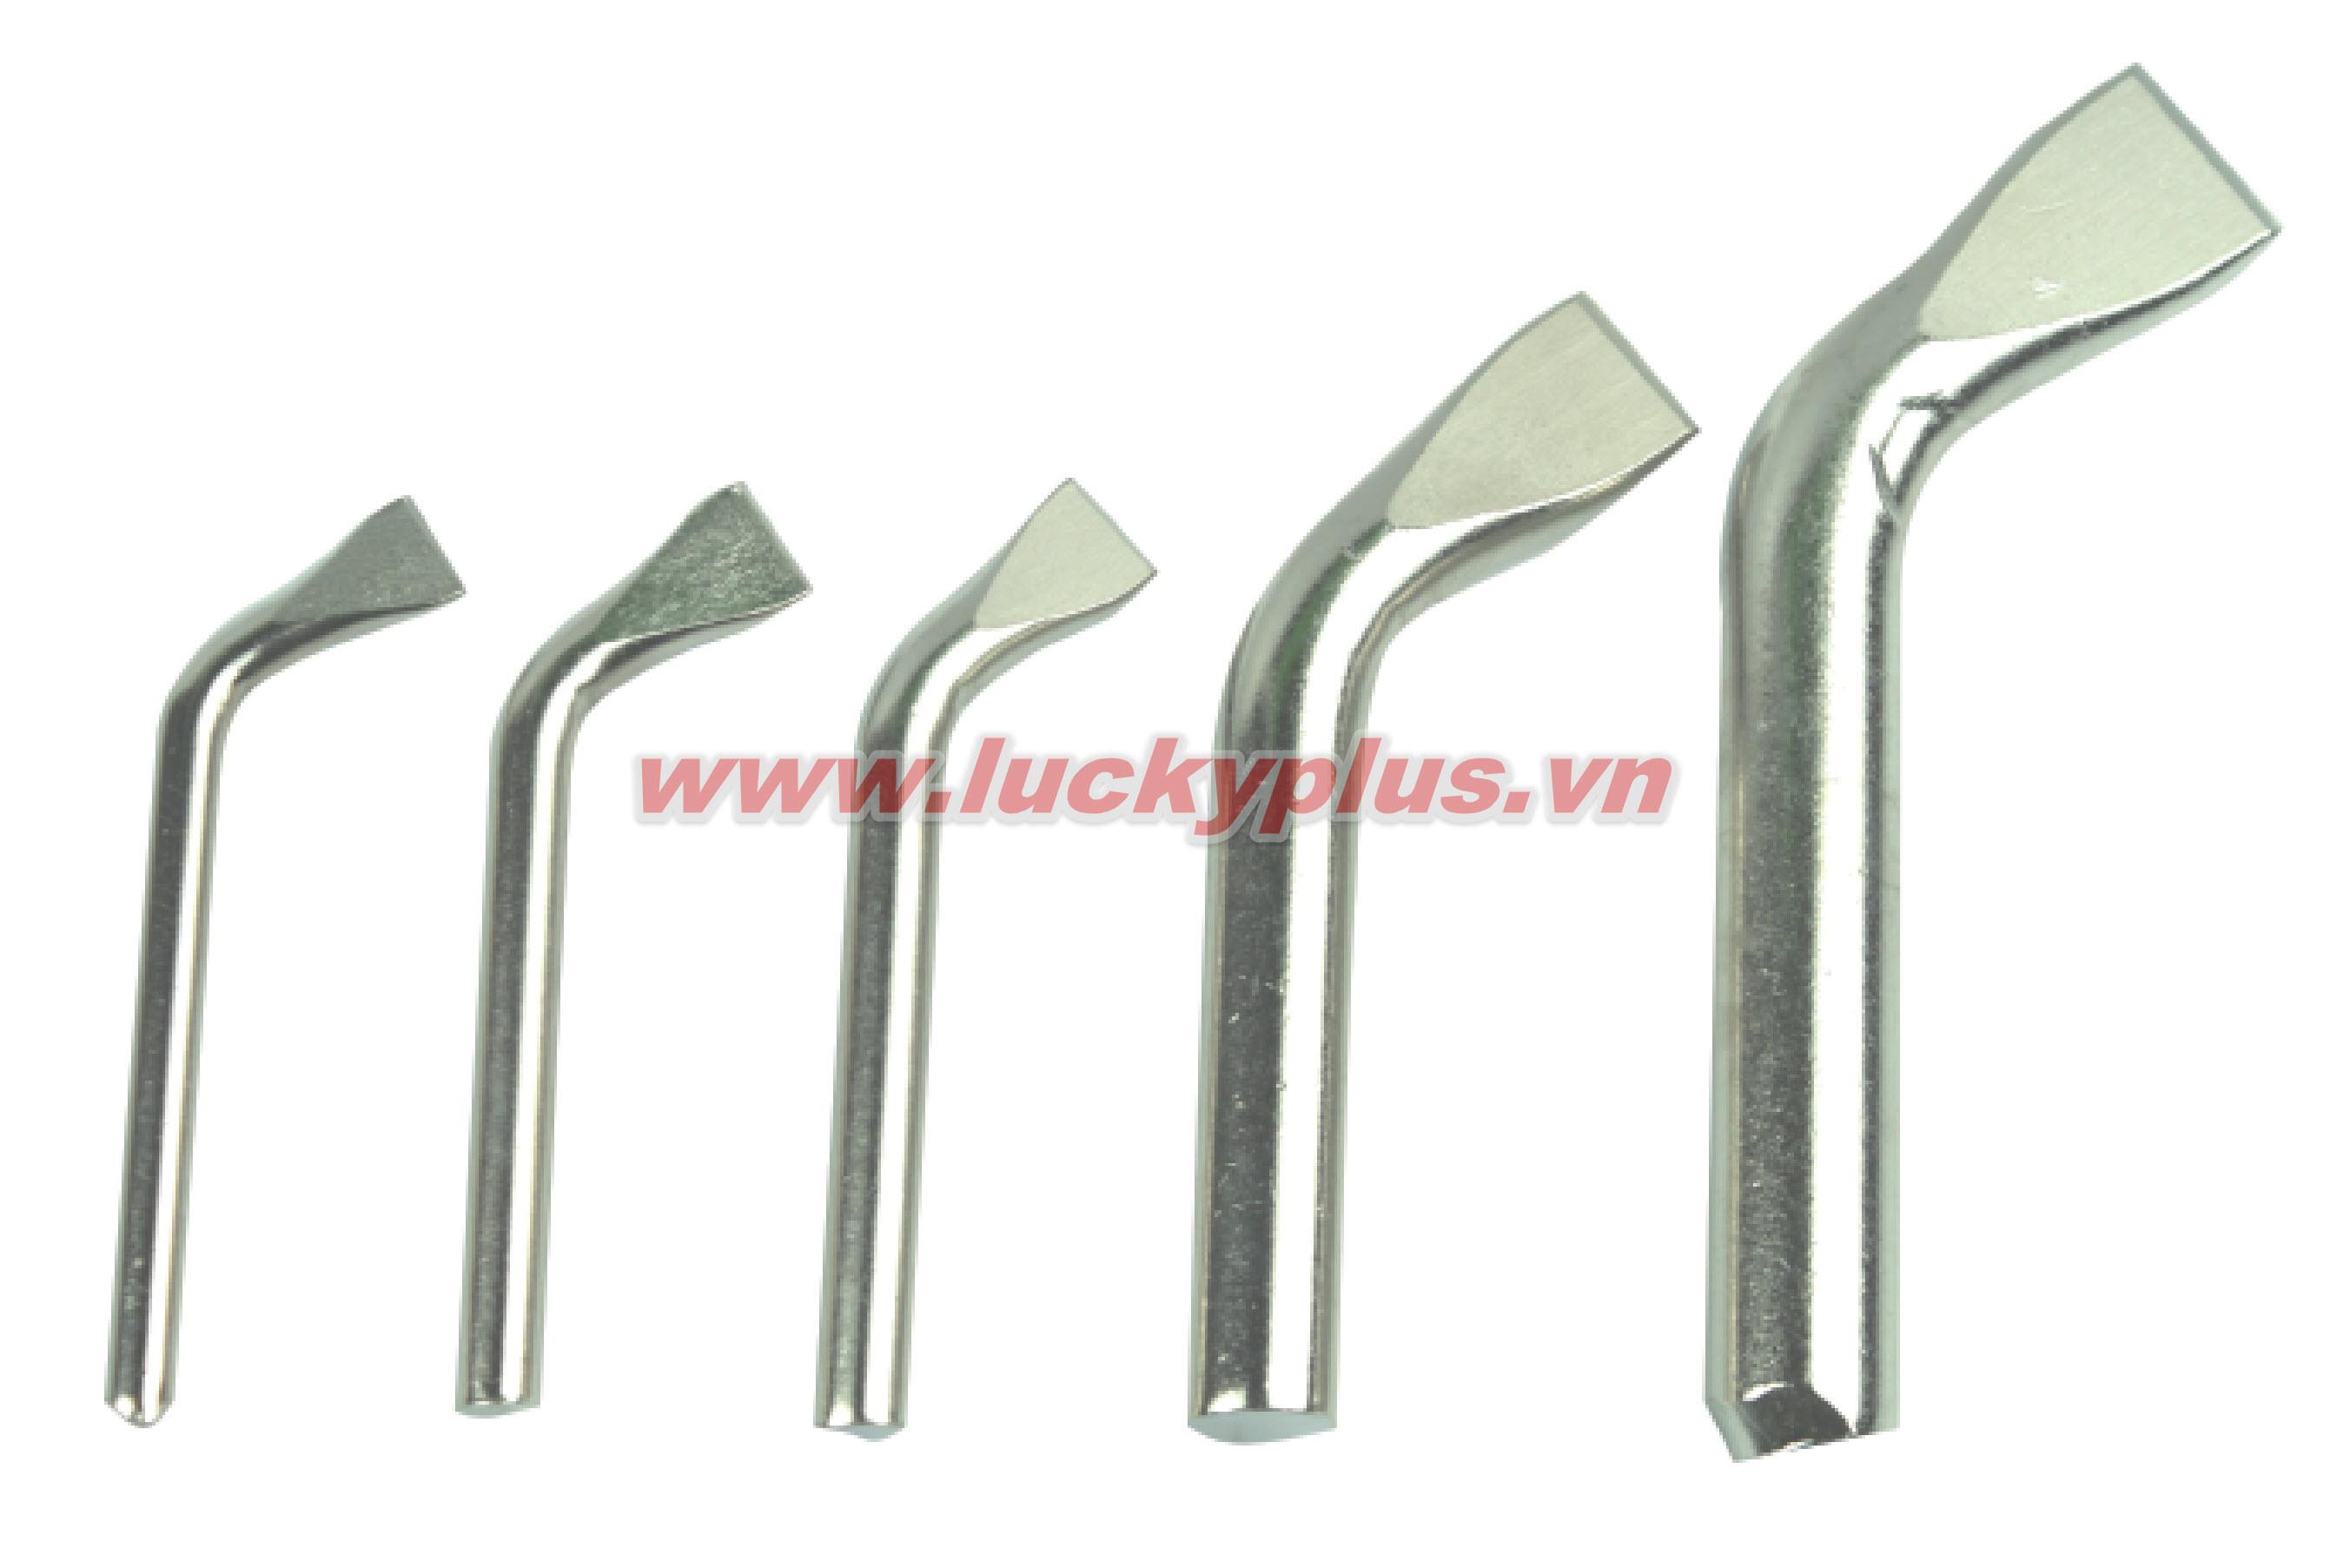 Đầu bịt bằng sắt FiveSheep FS-94080 80W, FS-94100 100W, FS-94150 150W